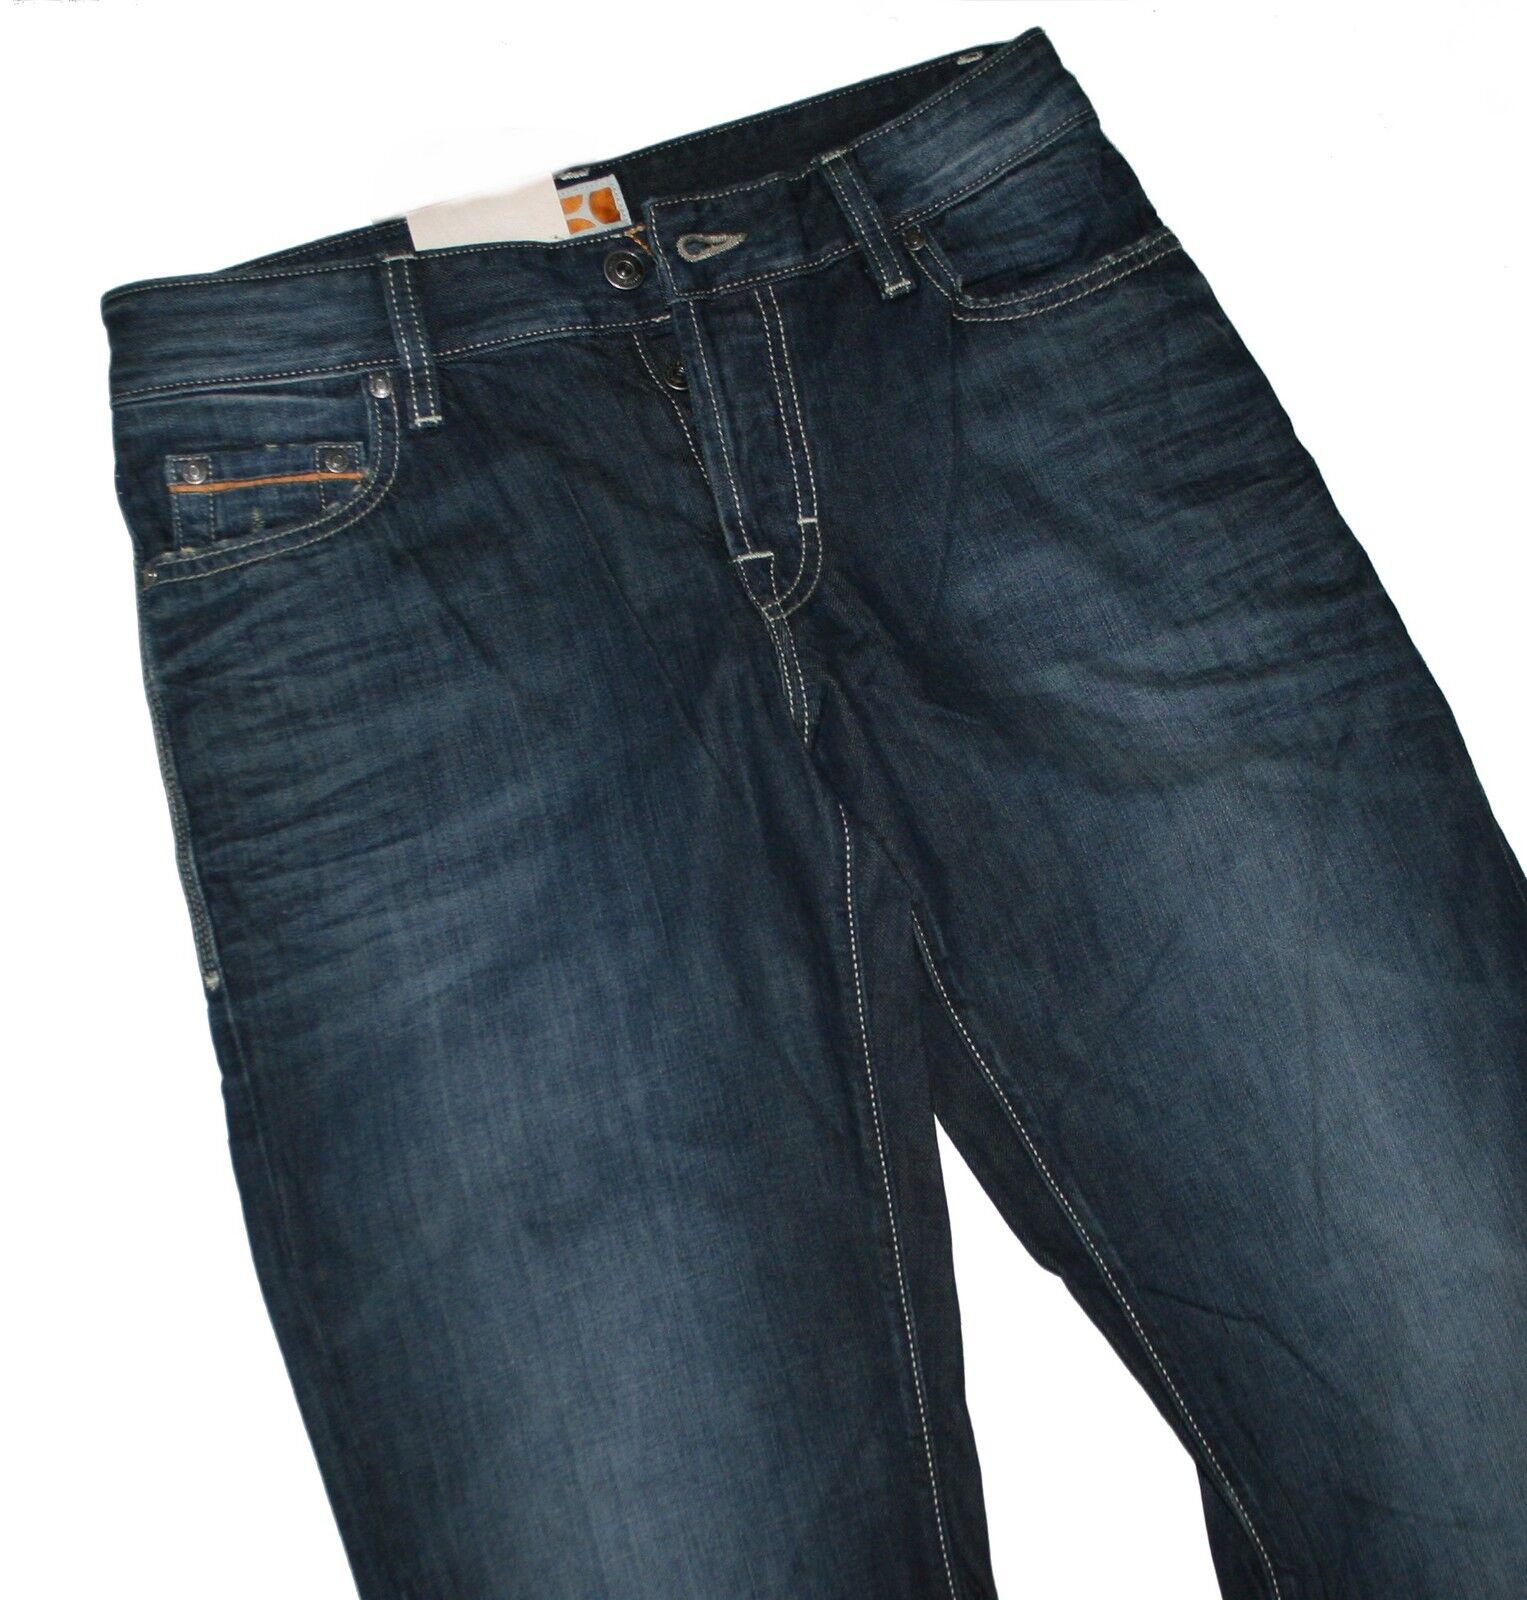 Hugo Boss 50198669 Dark Blau Denim Denim Denim BO1 Jeans W30 L32 f1ae79